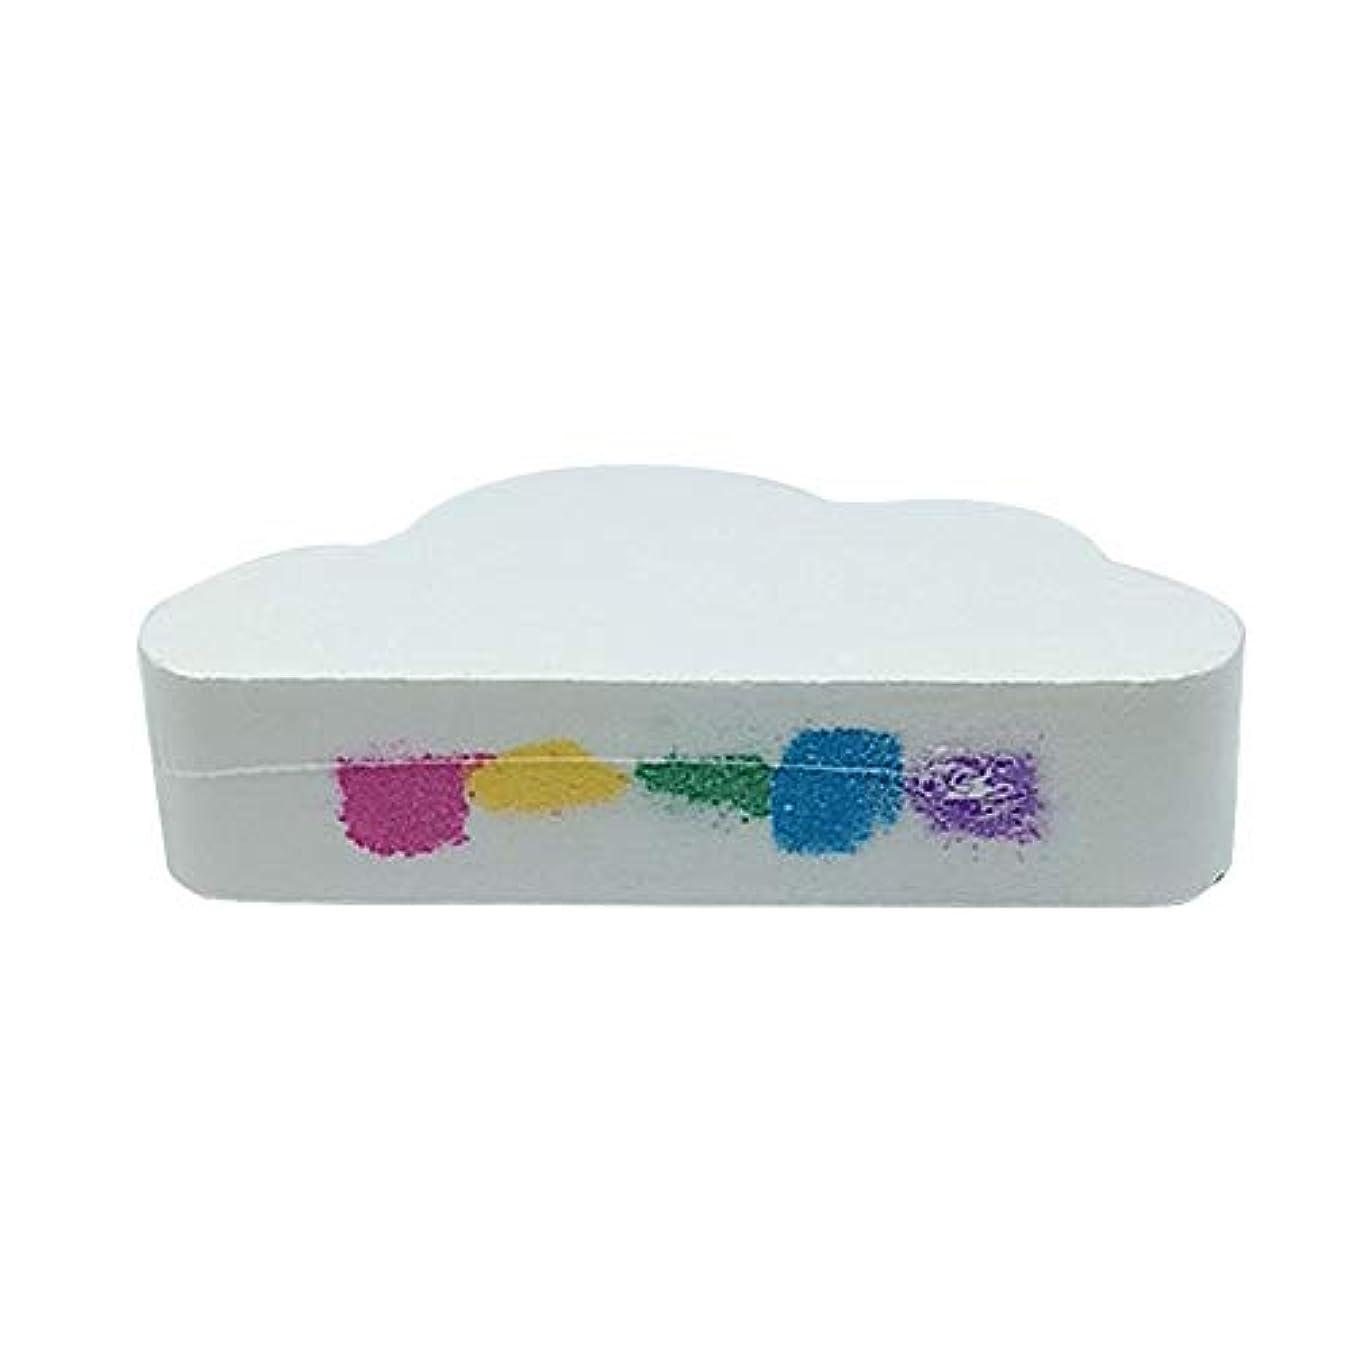 タヒチあそこマティスレインボー入浴剤 バス用 お風呂塩 保湿バブルボール 温泉 入浴剤 スキンケア プレゼント